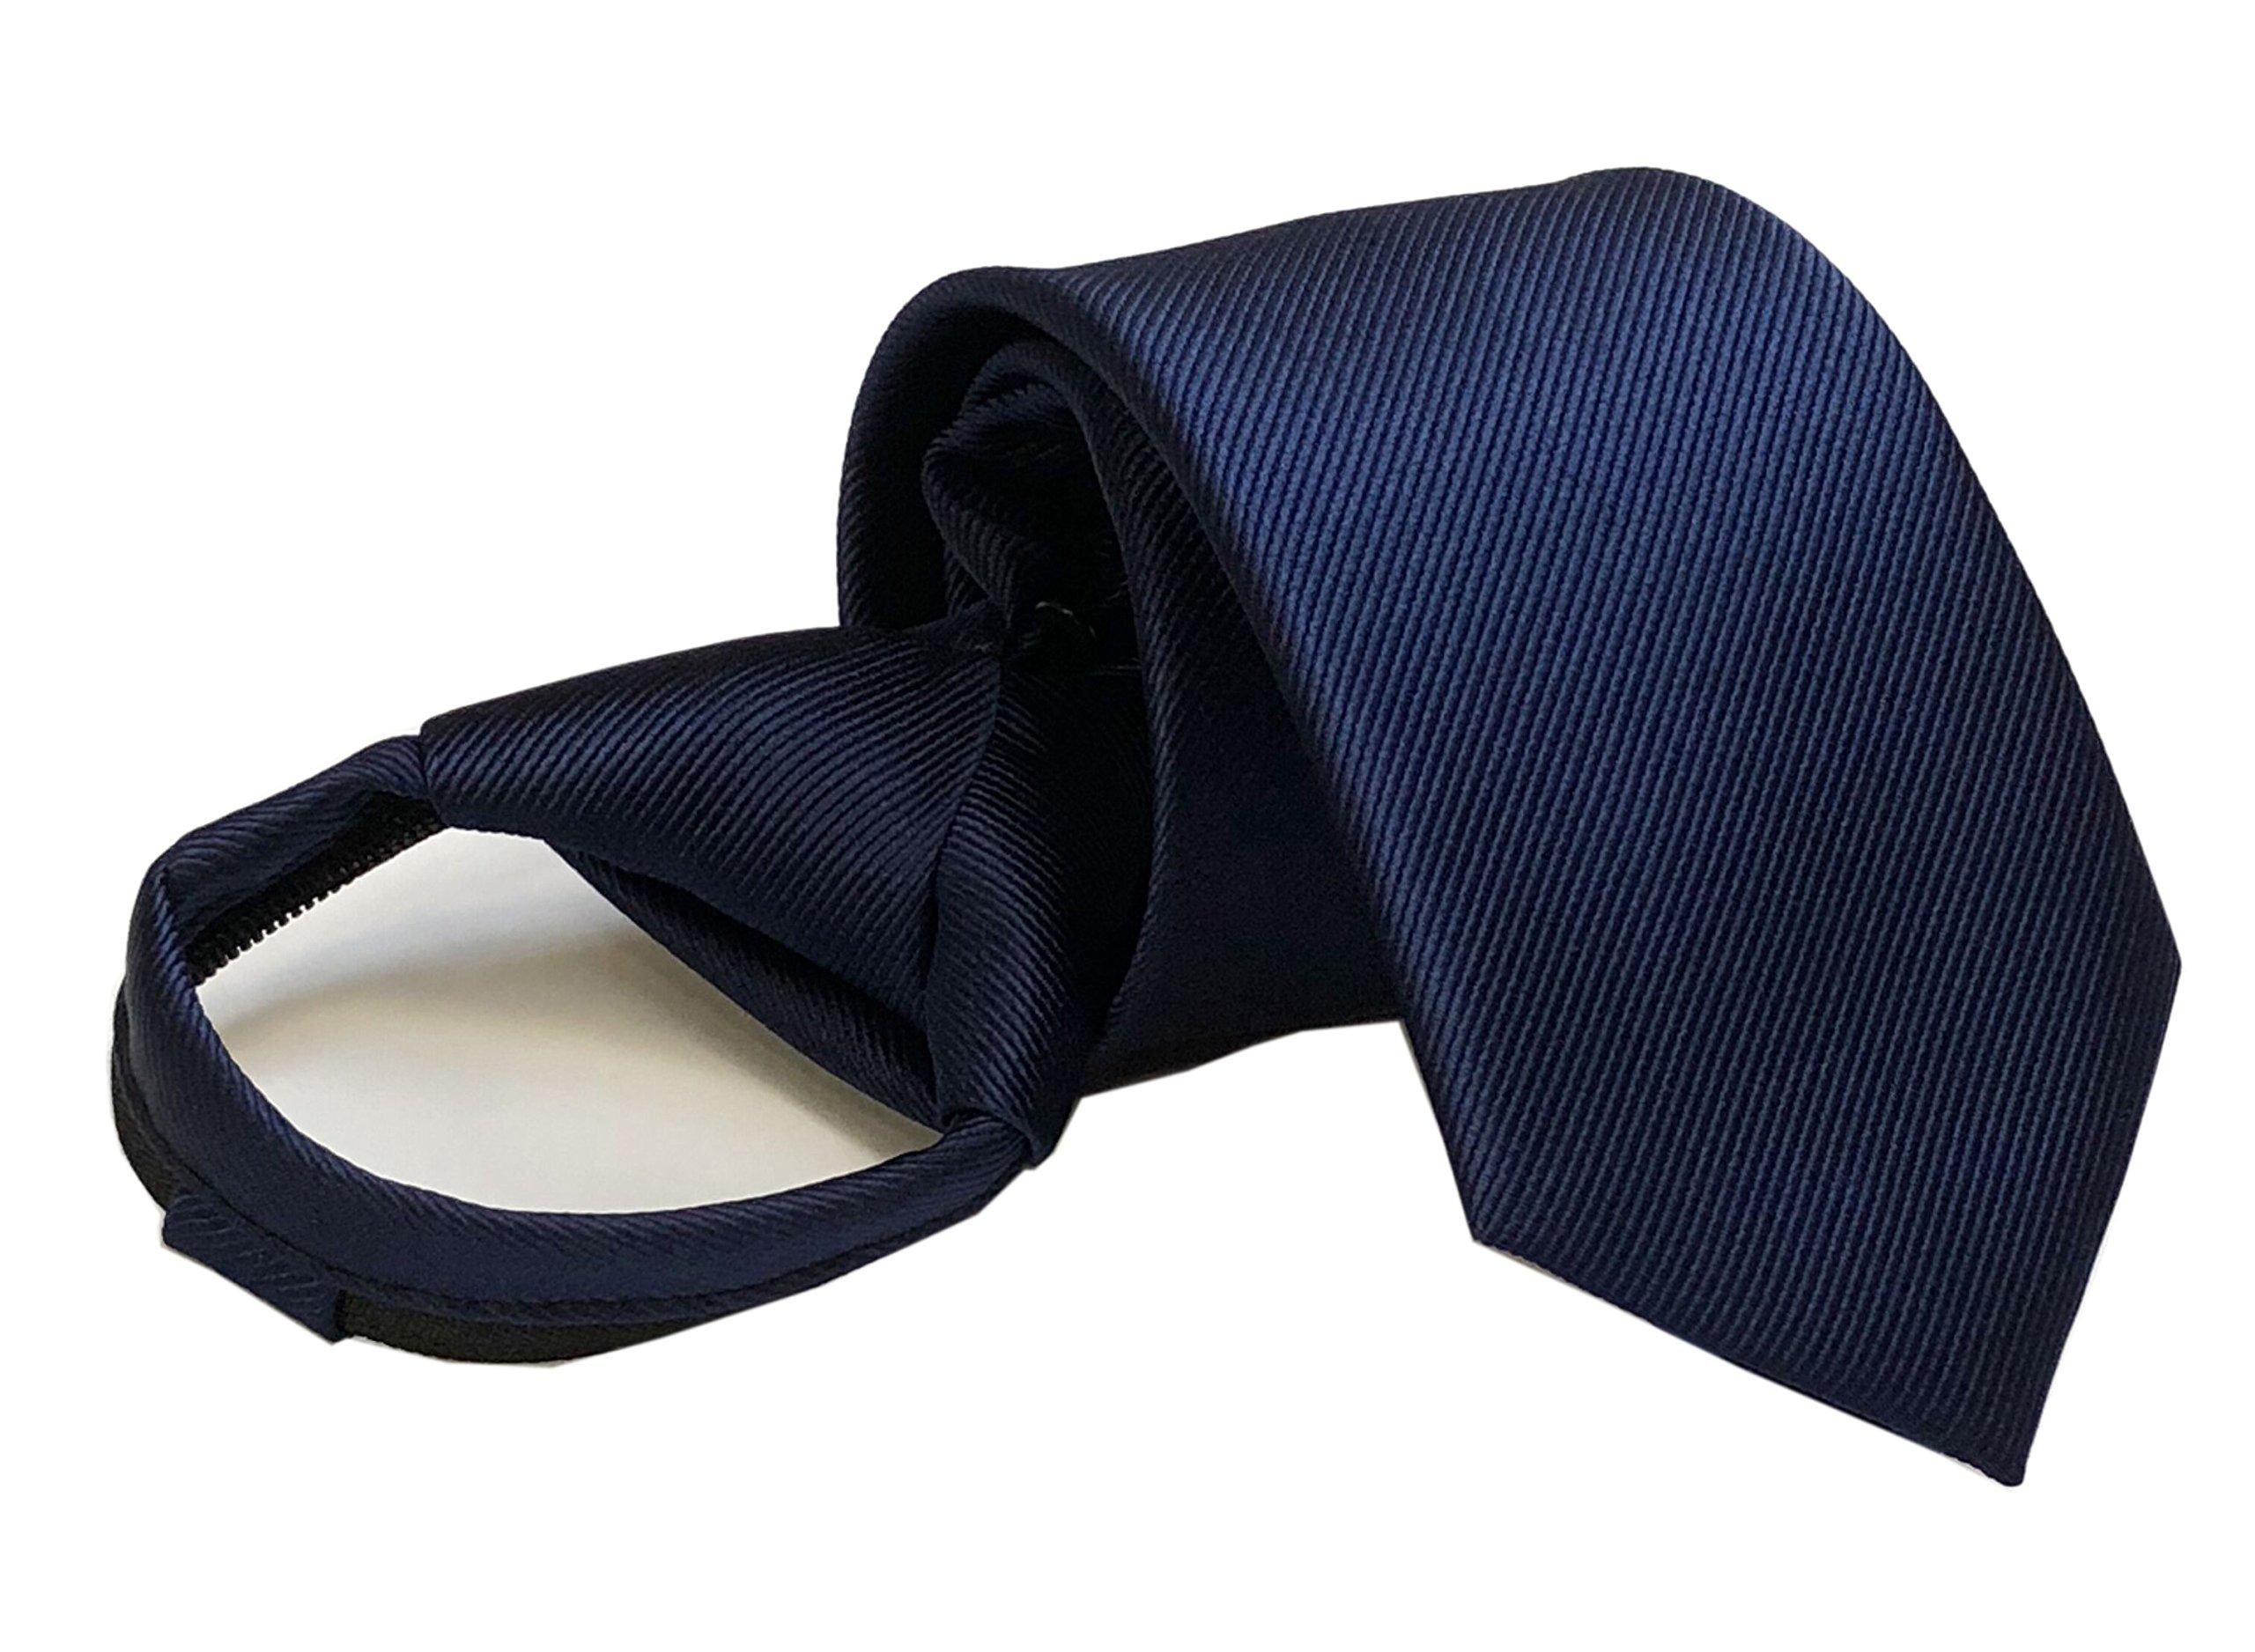 Mens Big Boys Navy Blue Zipper Ties Stylish Elegent Formal Necktie Best for Gift